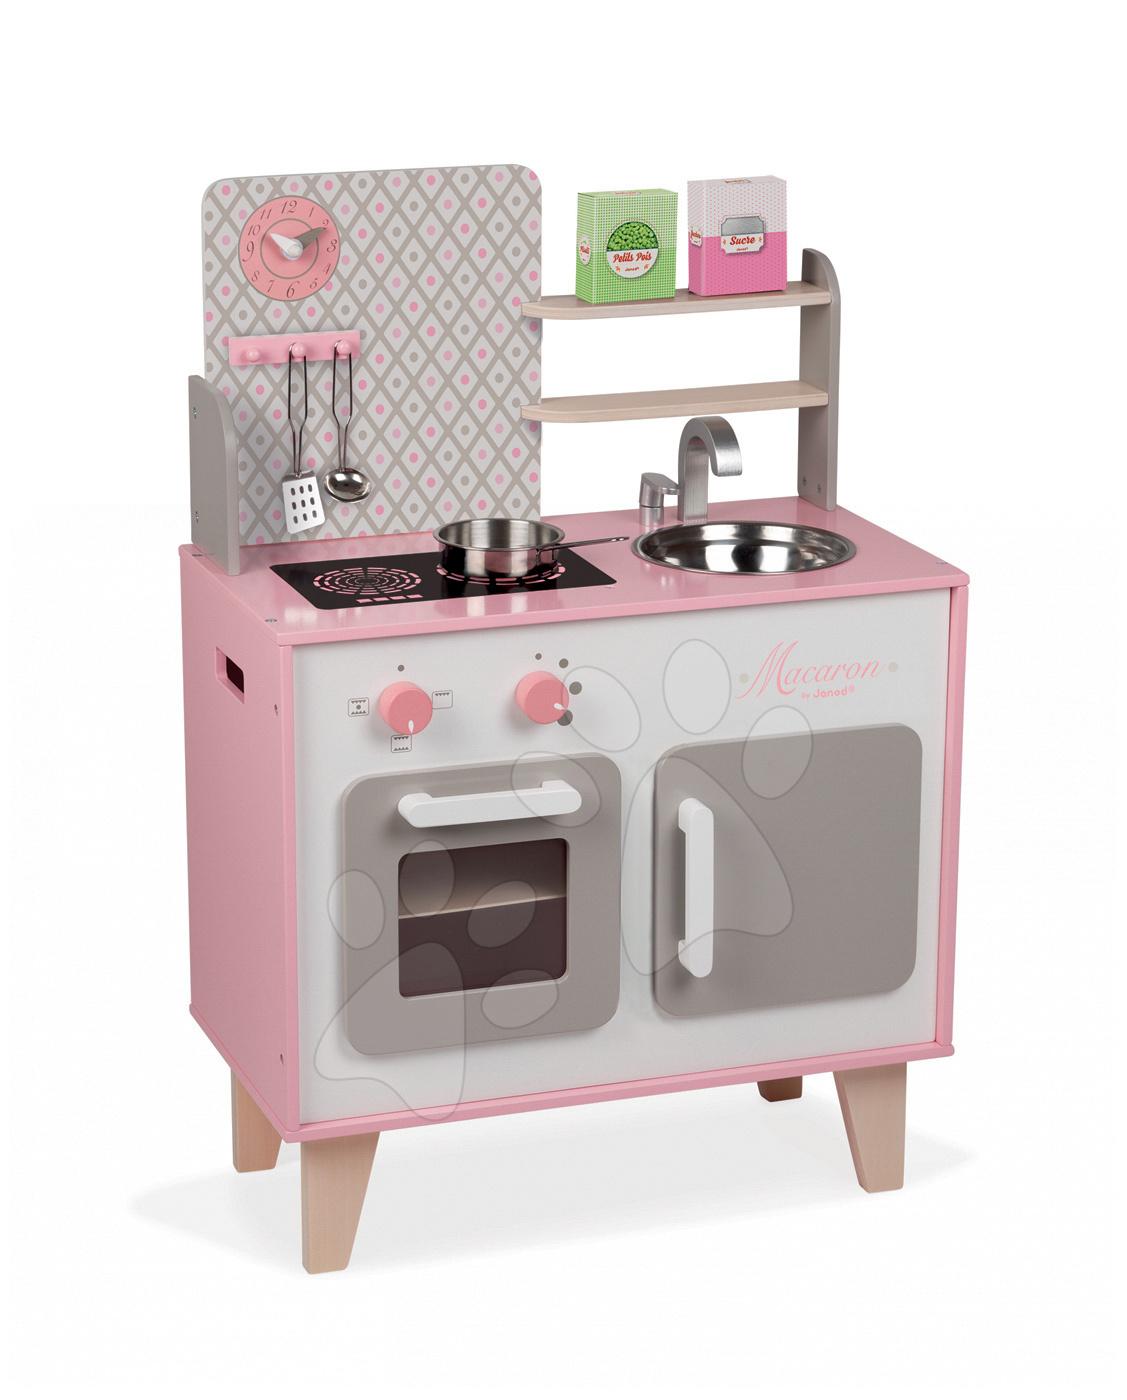 Dřevěná kuchyňka Macaron Maxi Cooker Janod s otočnými knoflíky růžová